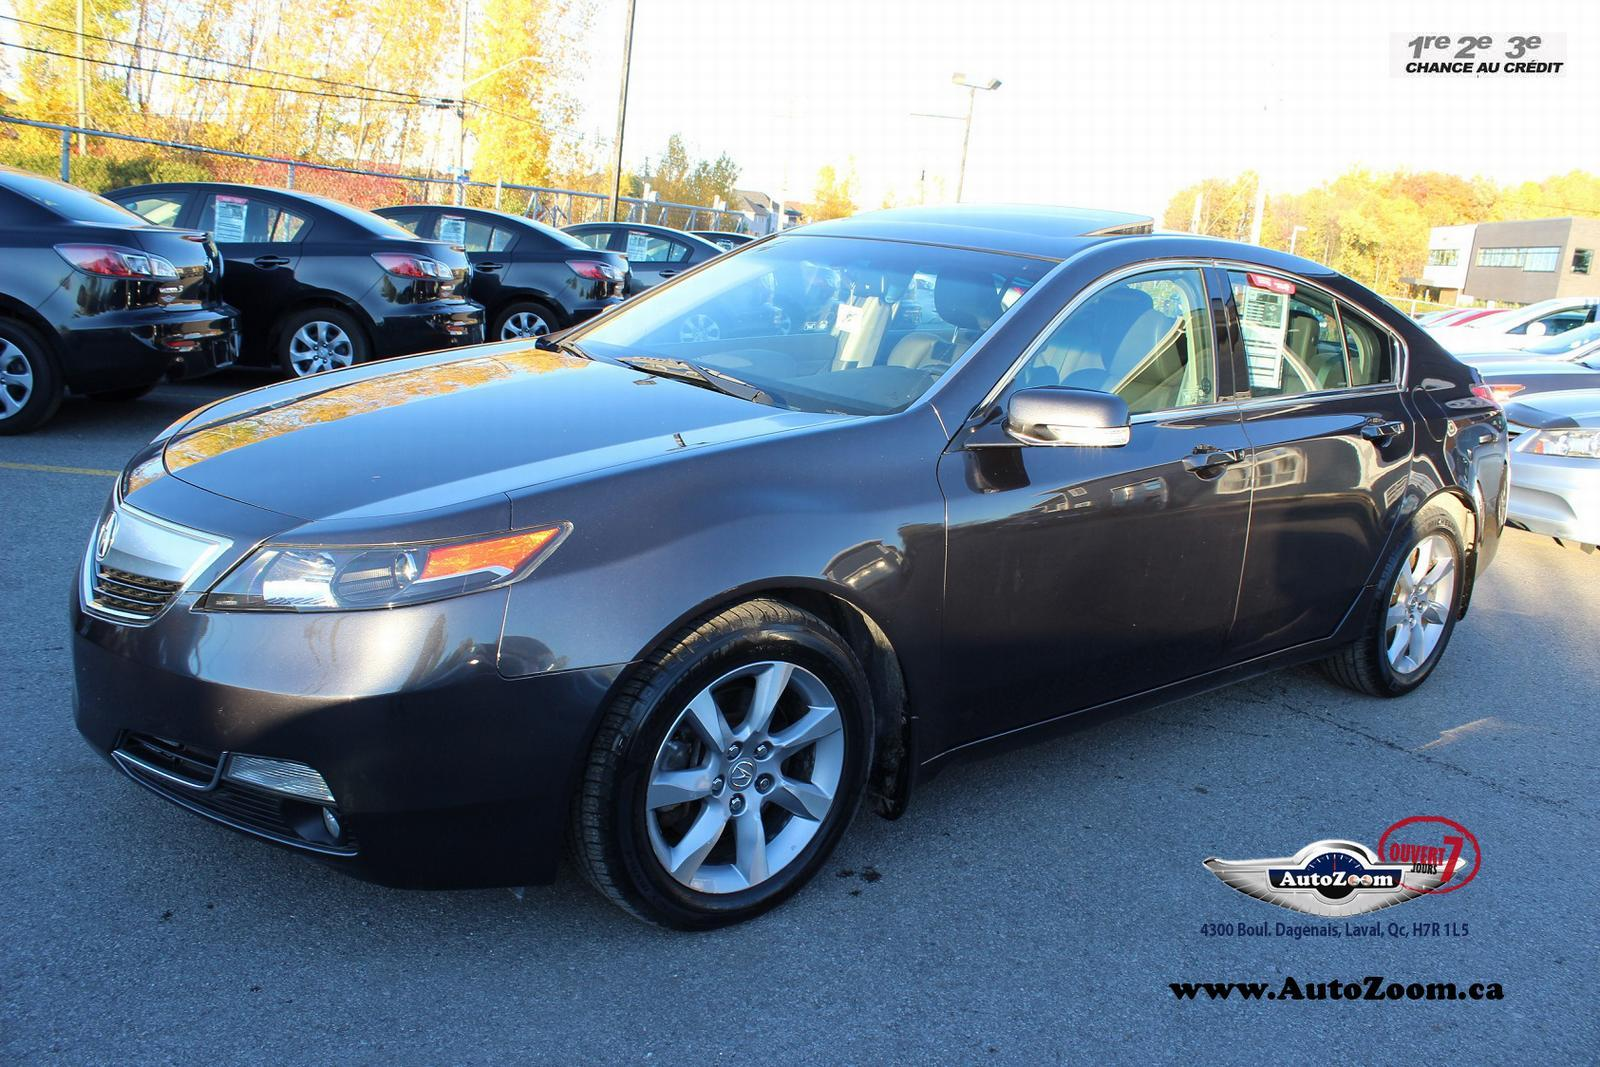 Acura TL 2012 #A3629